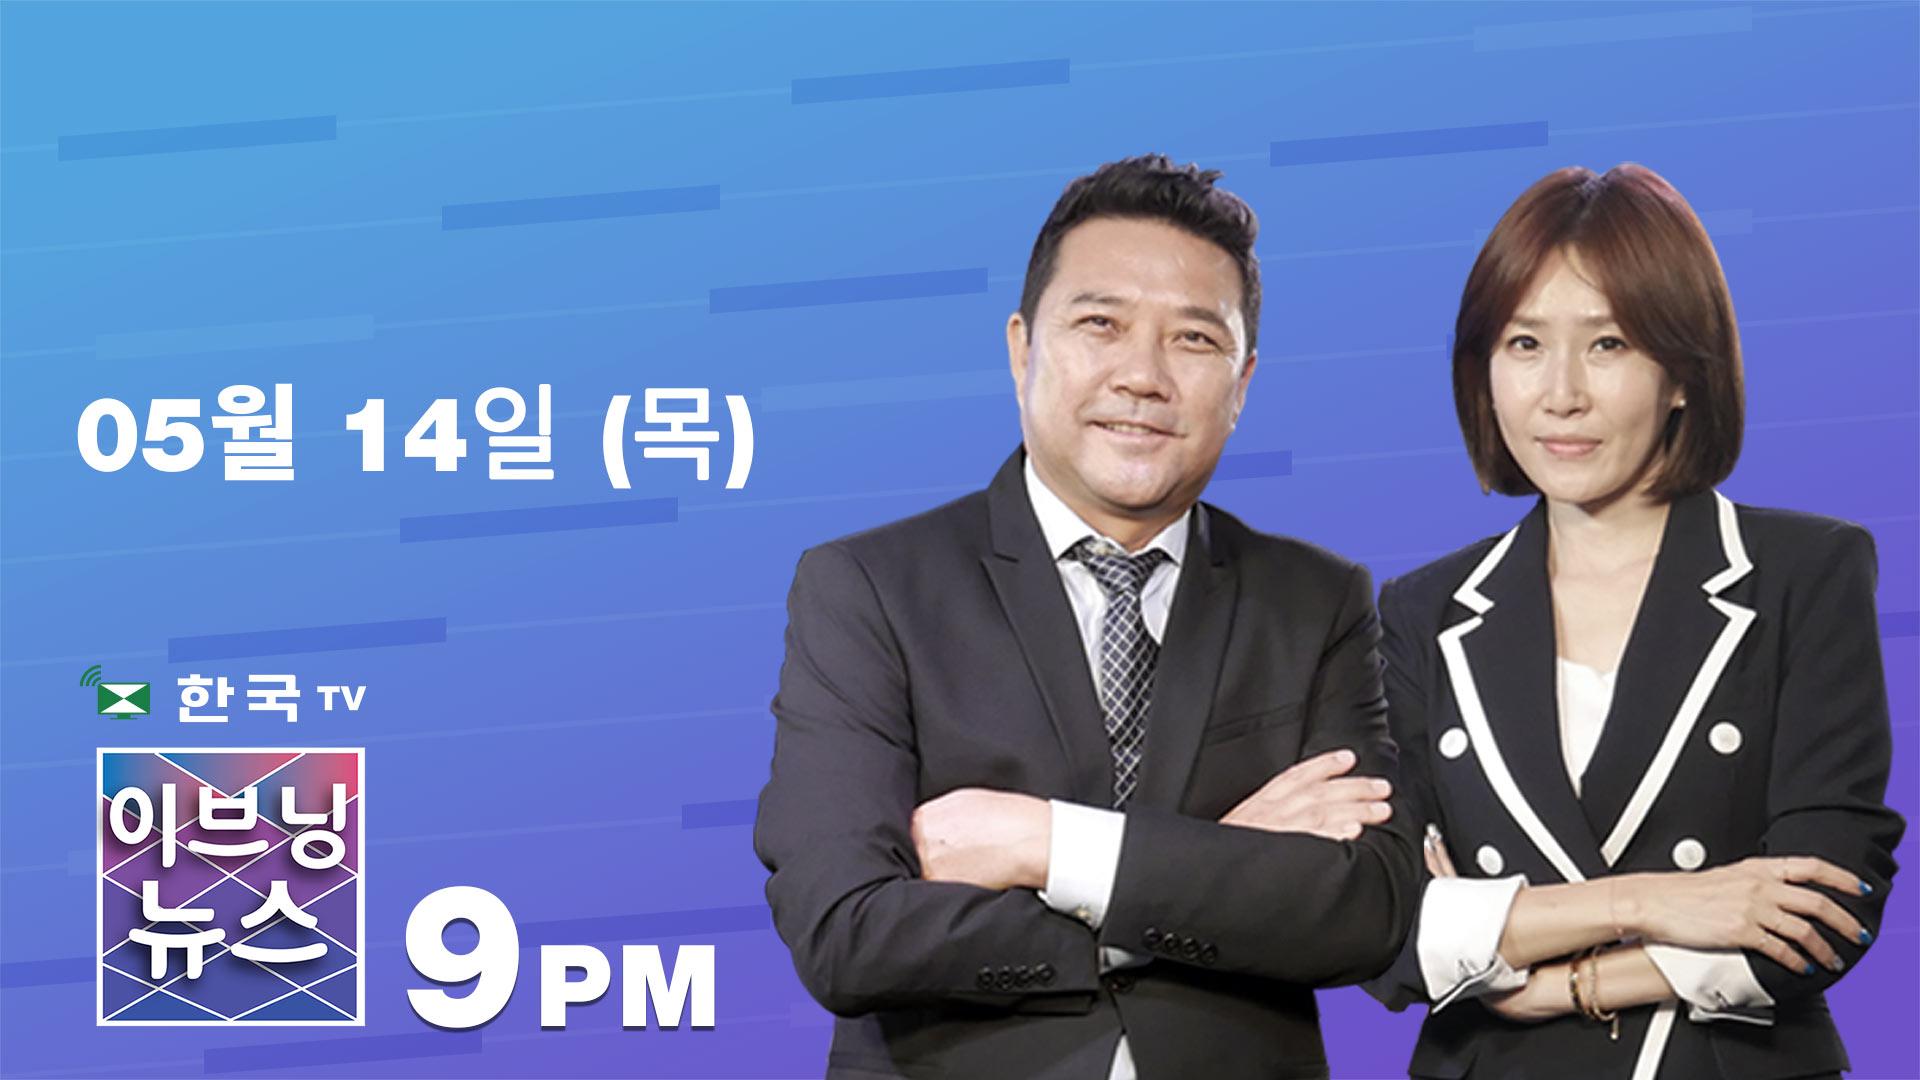 (05.14.2020) 한국TV 이브닝 뉴스